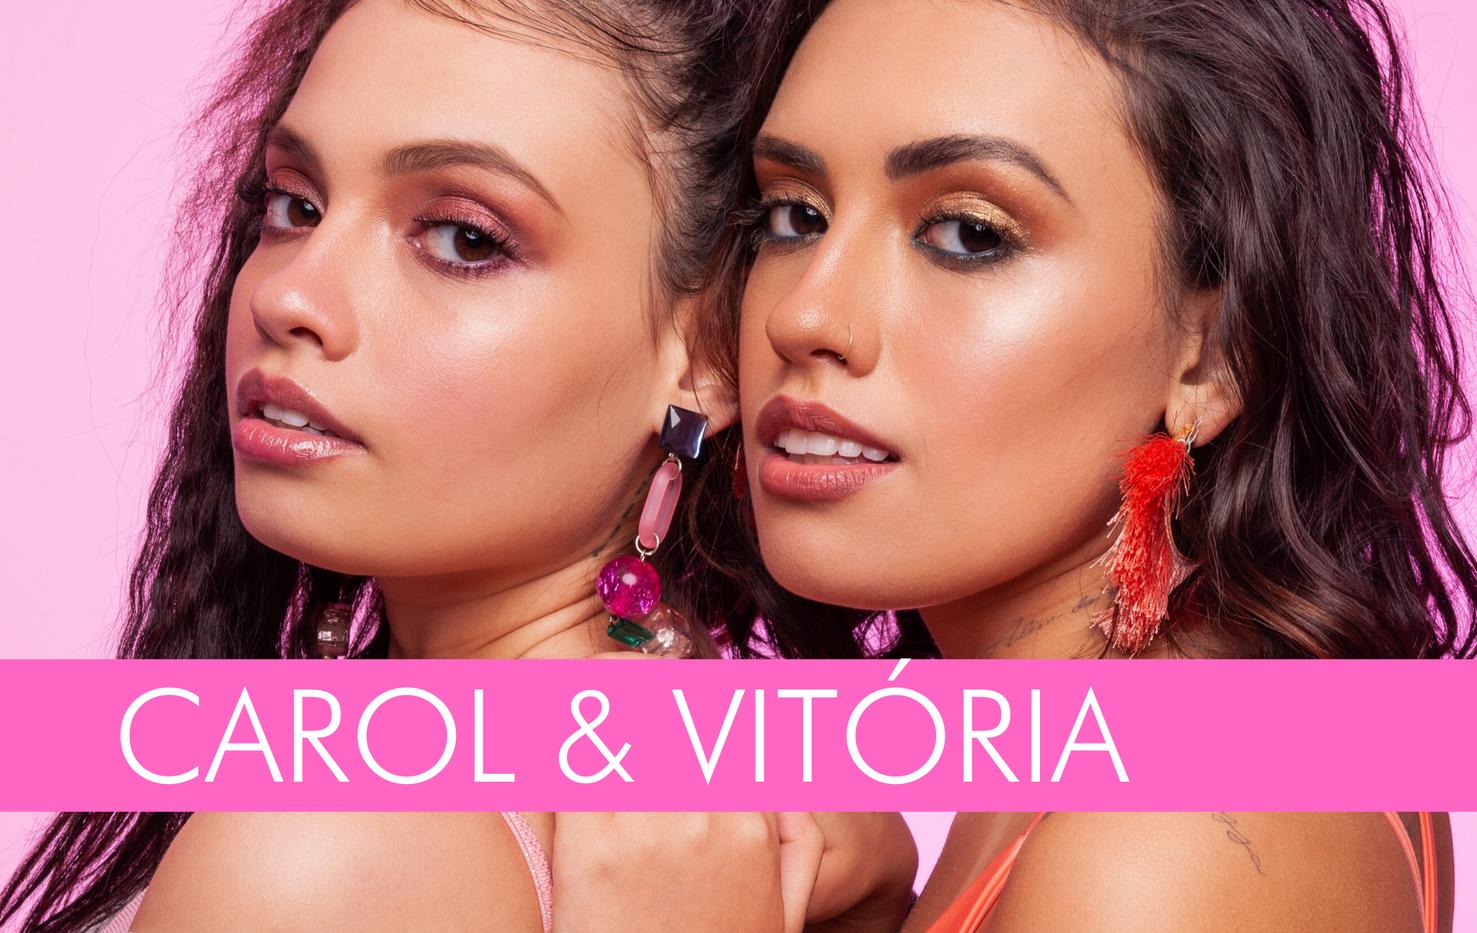 Carol & Vitória